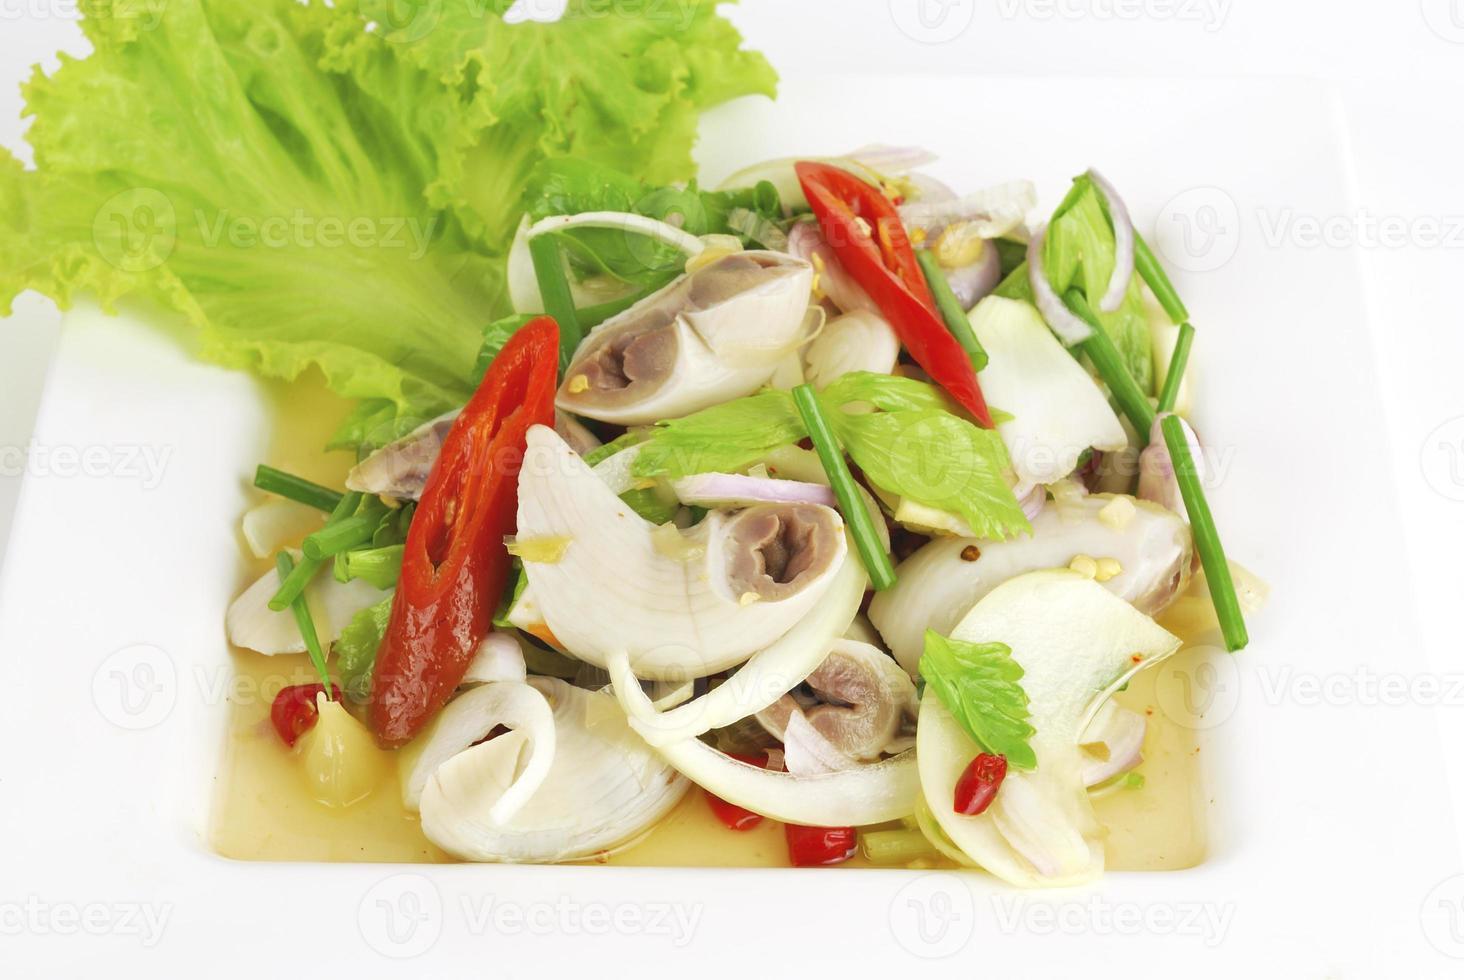 chitterlings de porc en salade épicée photo